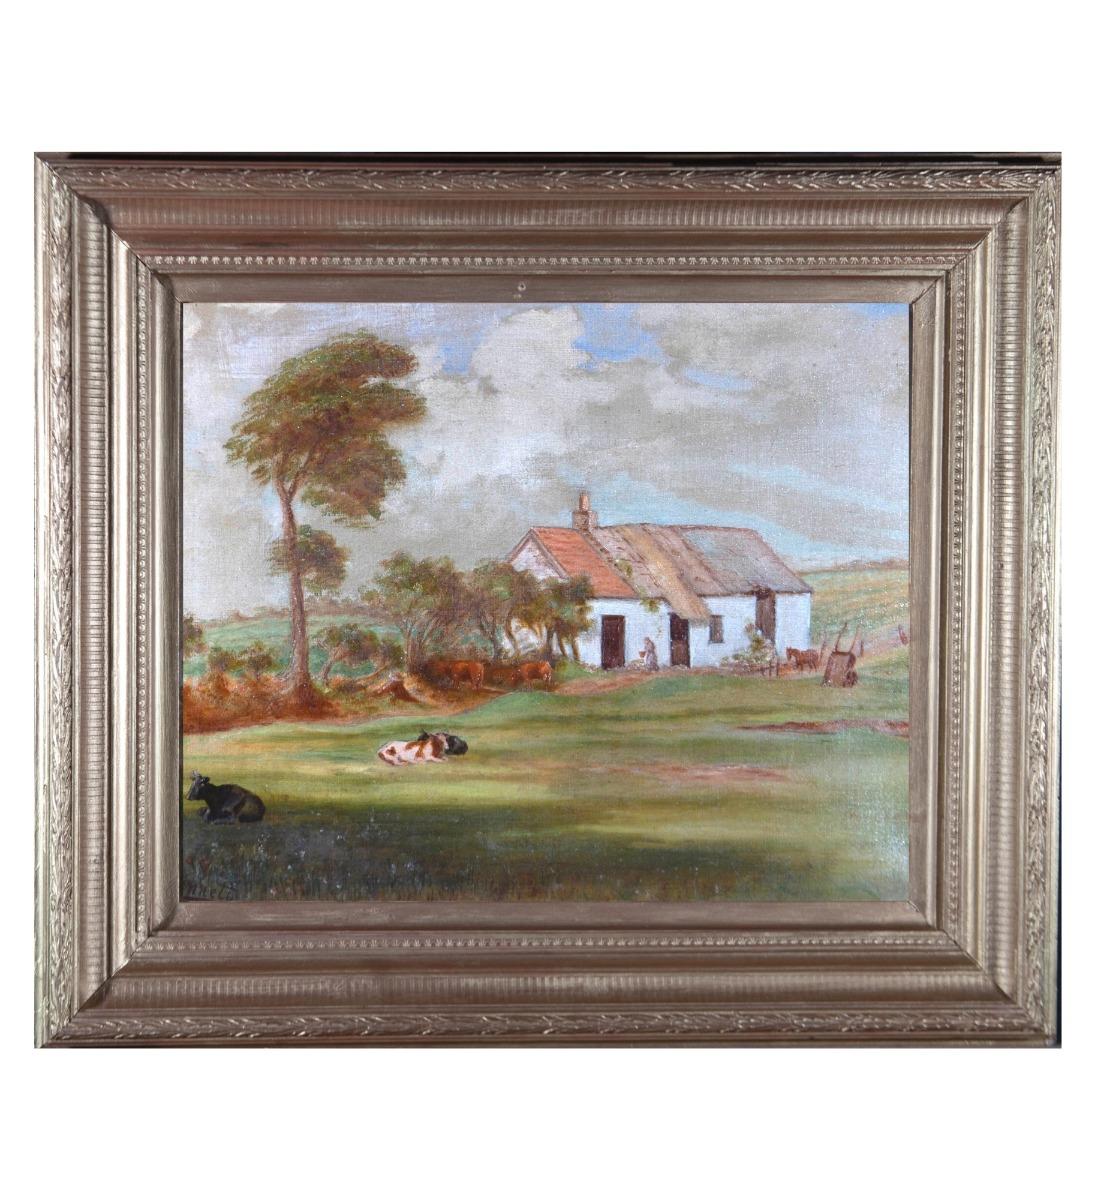 John J. Bennett - Signed Early 20th Century Oil, Graig Farm